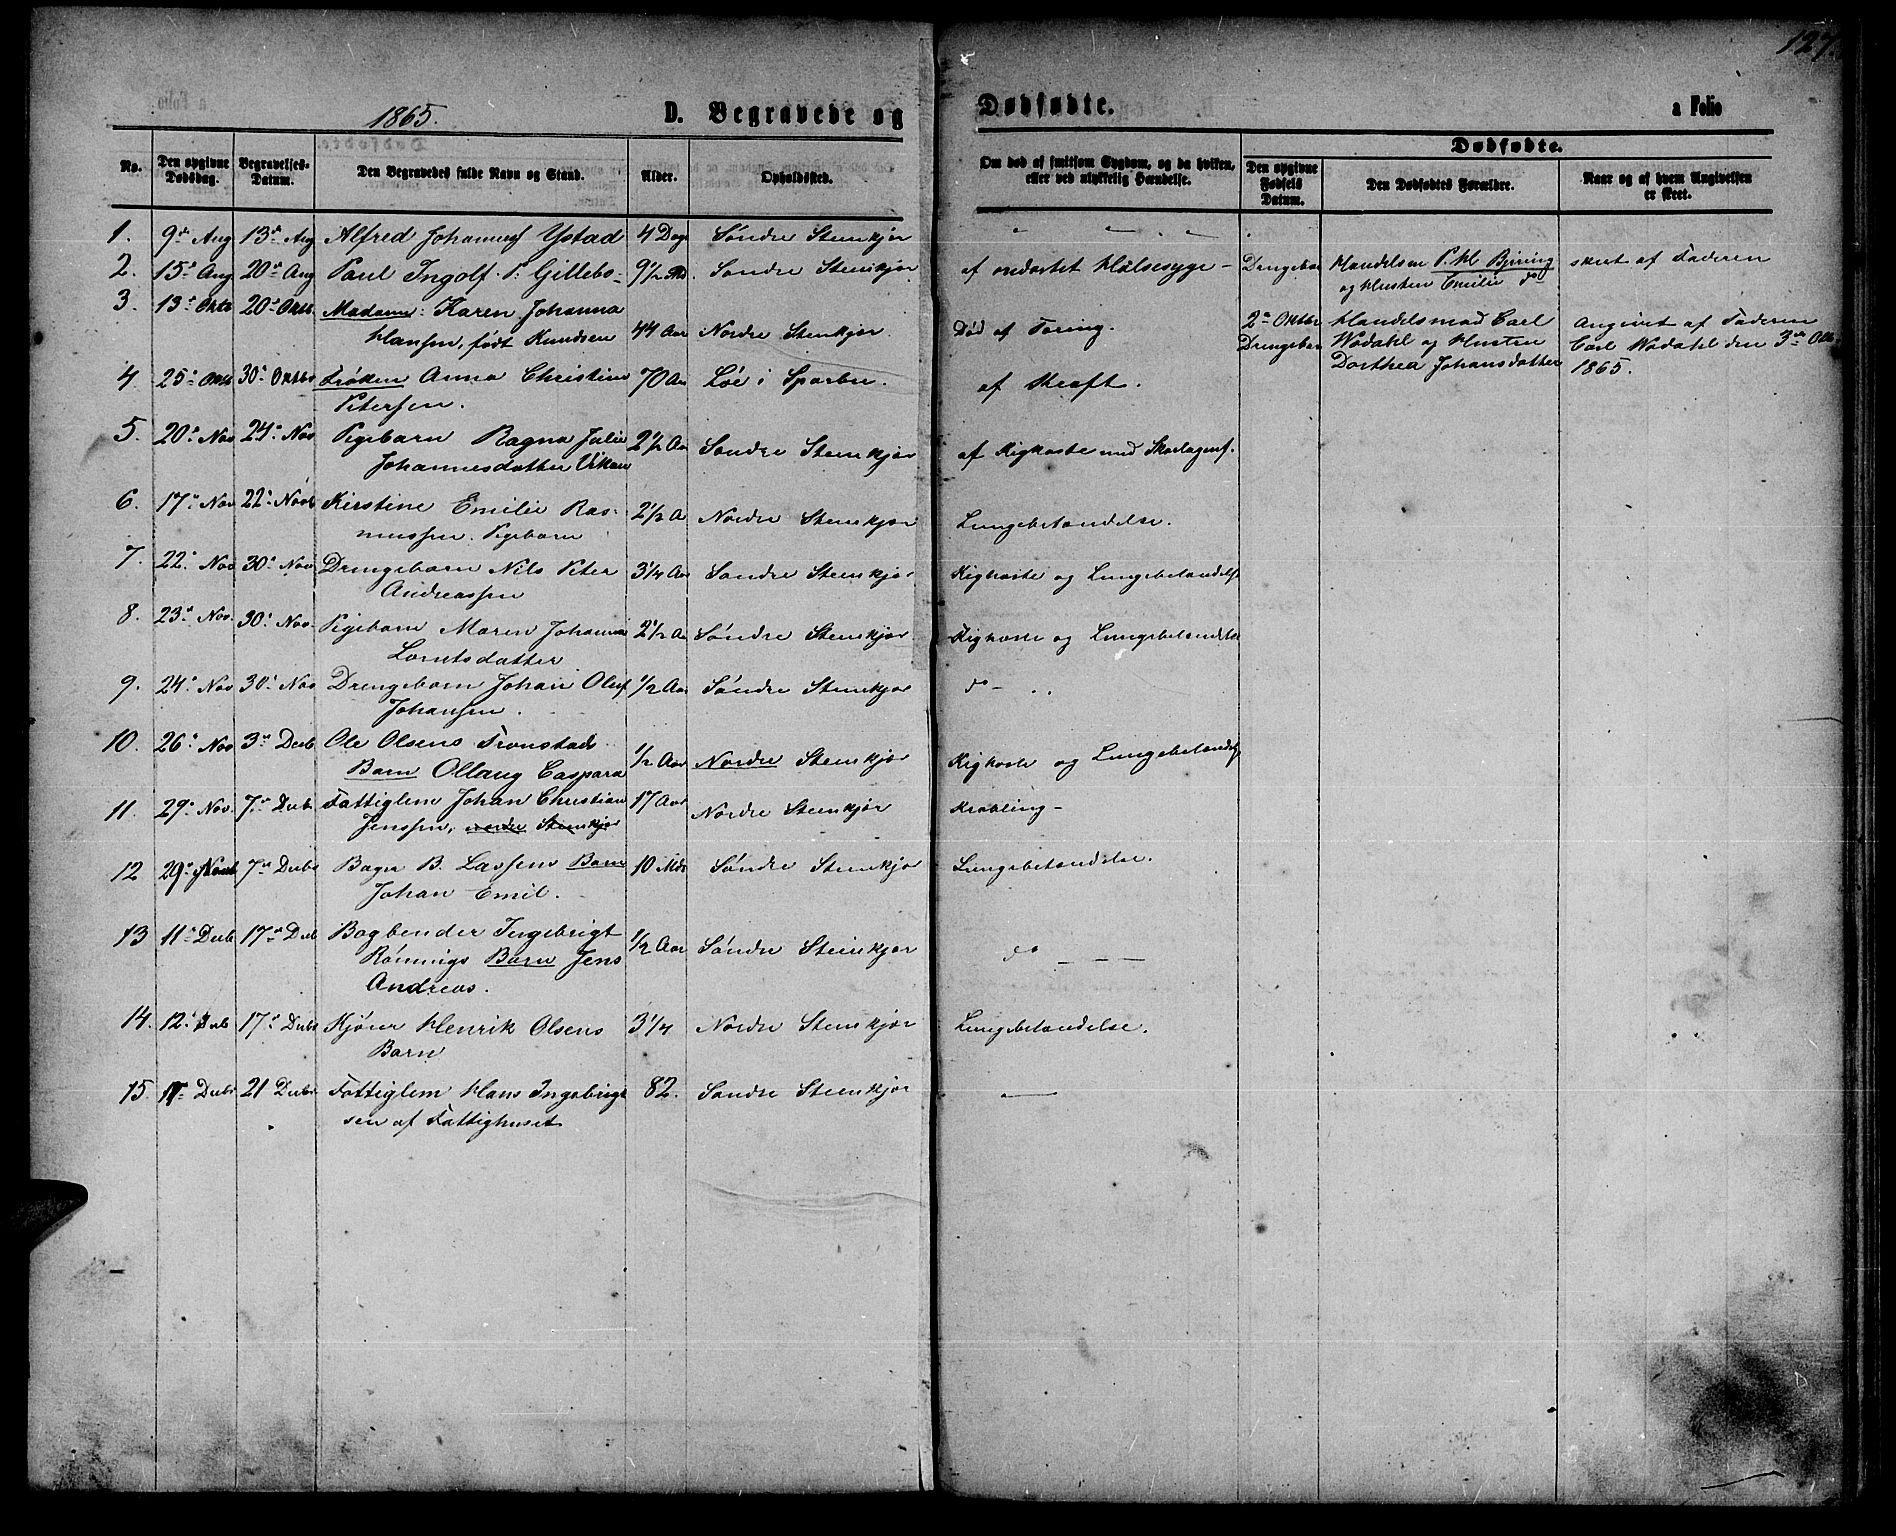 SAT, Ministerialprotokoller, klokkerbøker og fødselsregistre - Nord-Trøndelag, 739/L0373: Klokkerbok nr. 739C01, 1865-1882, s. 127